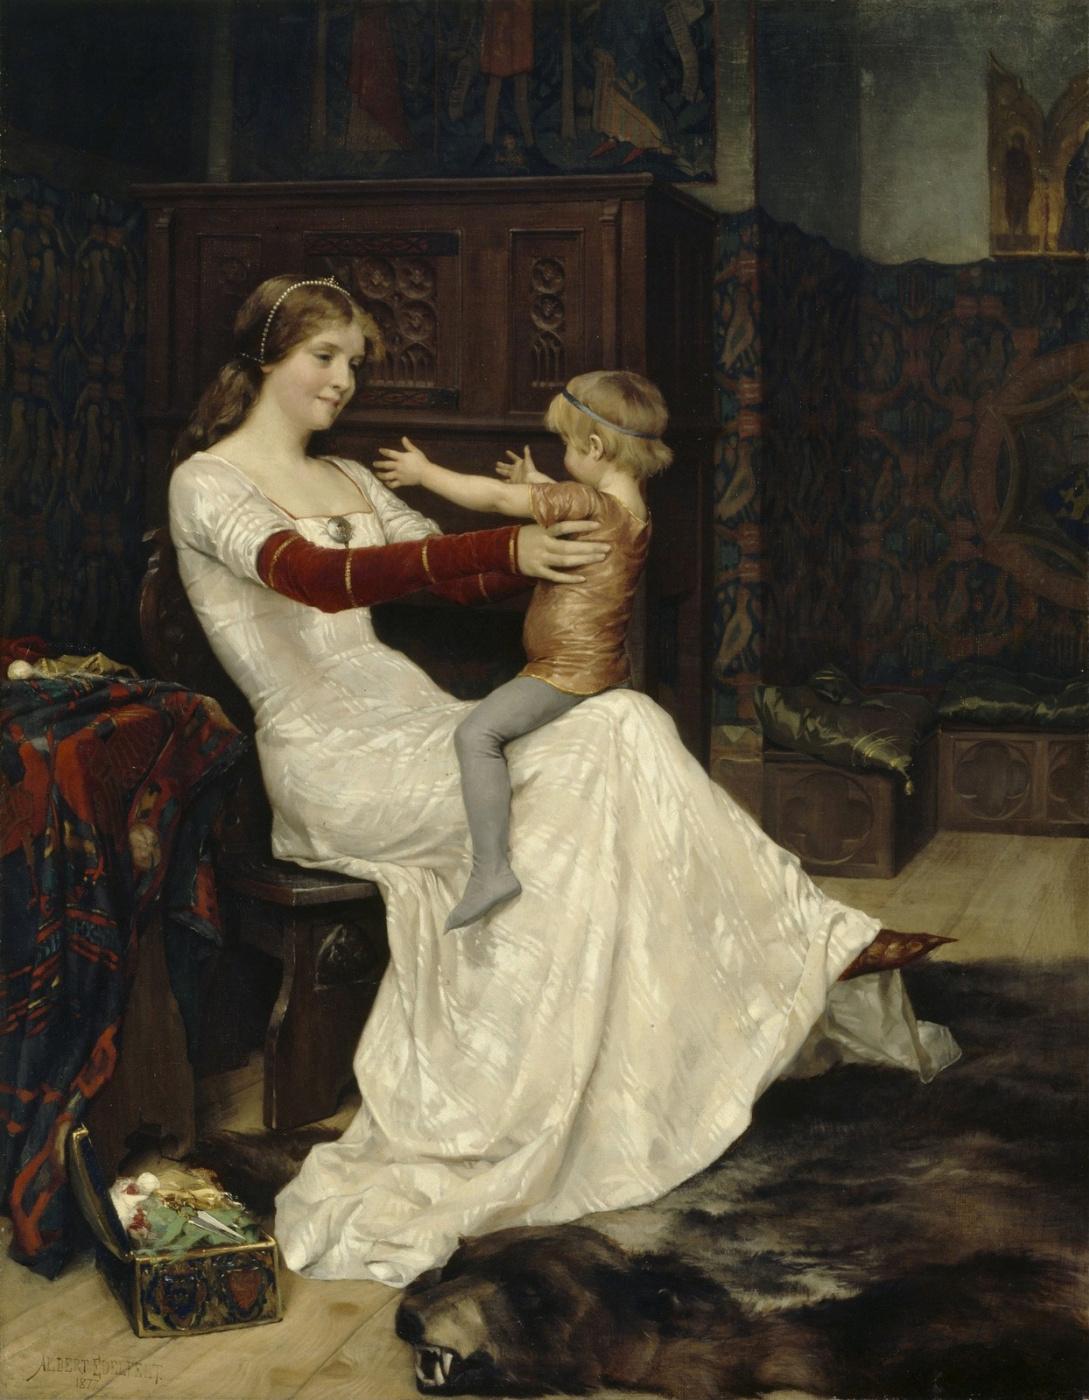 Альберт Густав Аристид Эдельфельт. Королева Бьянка. 1877